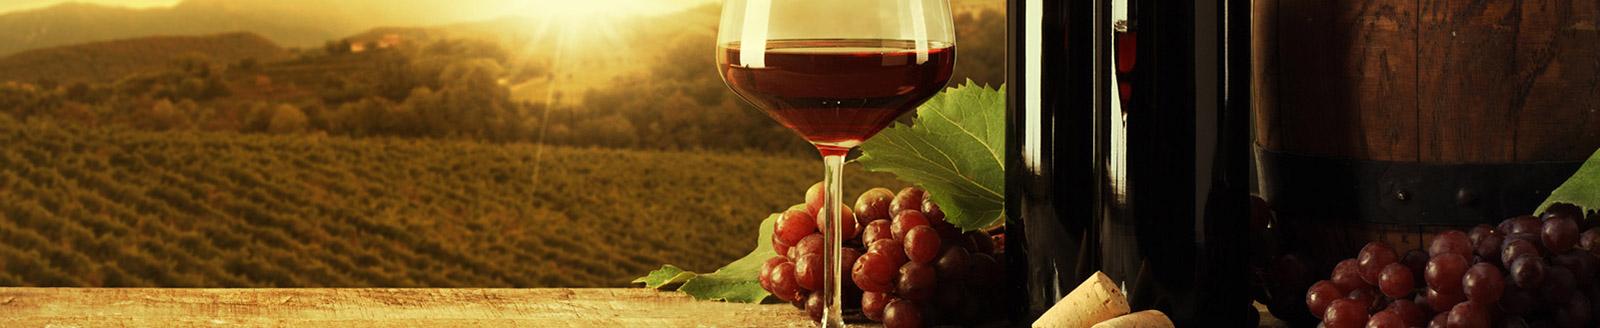 wine-story-bg